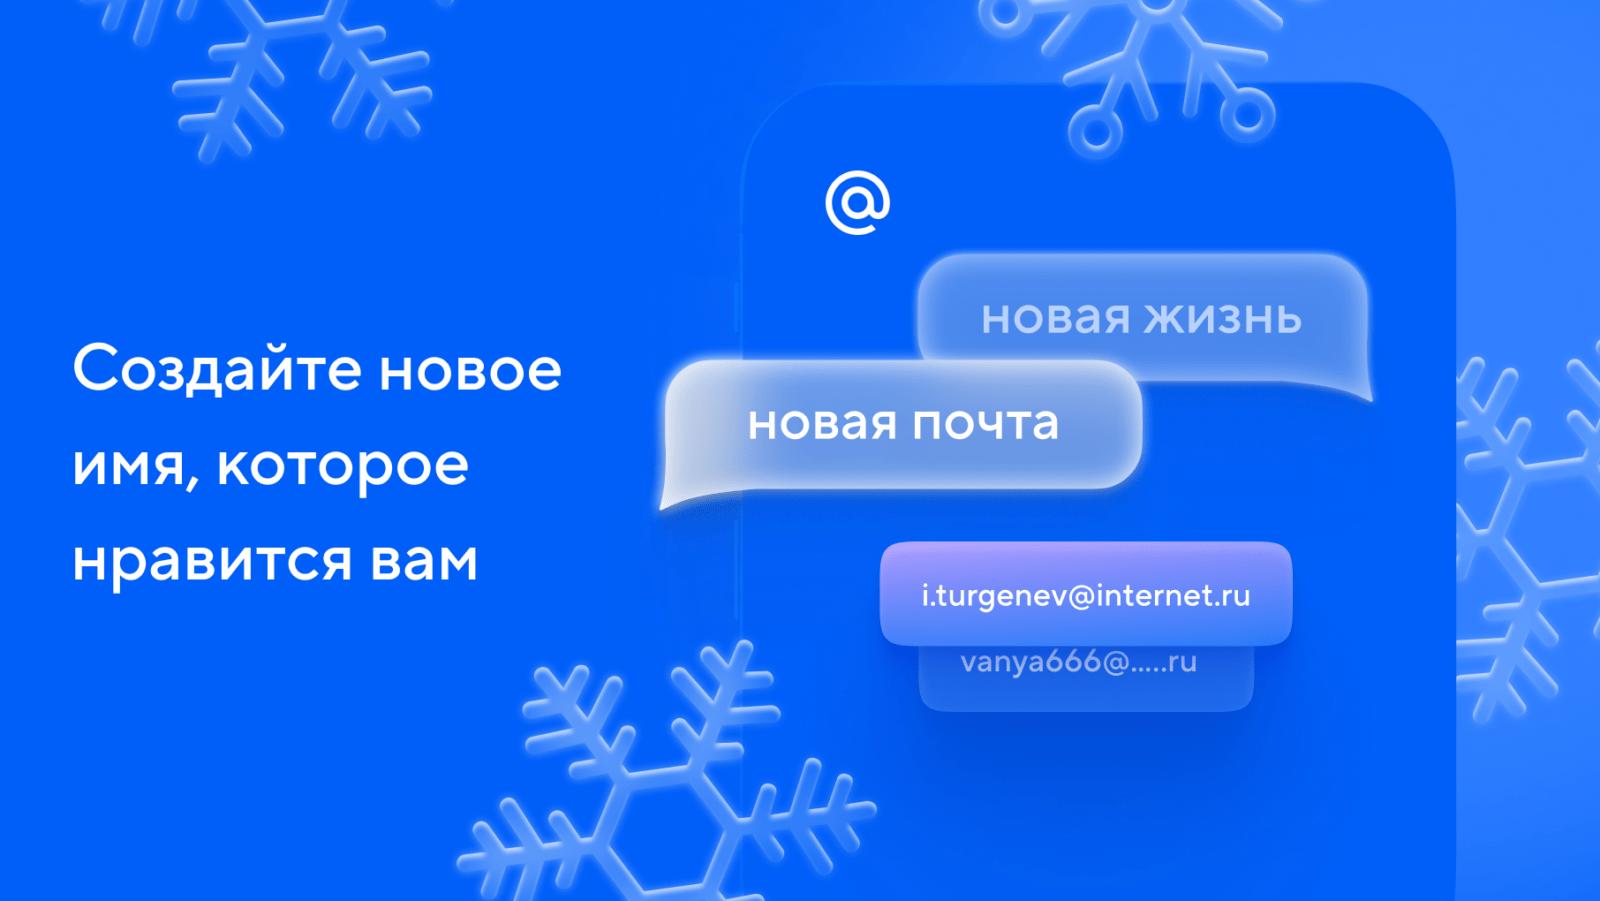 Mail.Ru запустила новый почтовый домен Internet.ru (image 54)